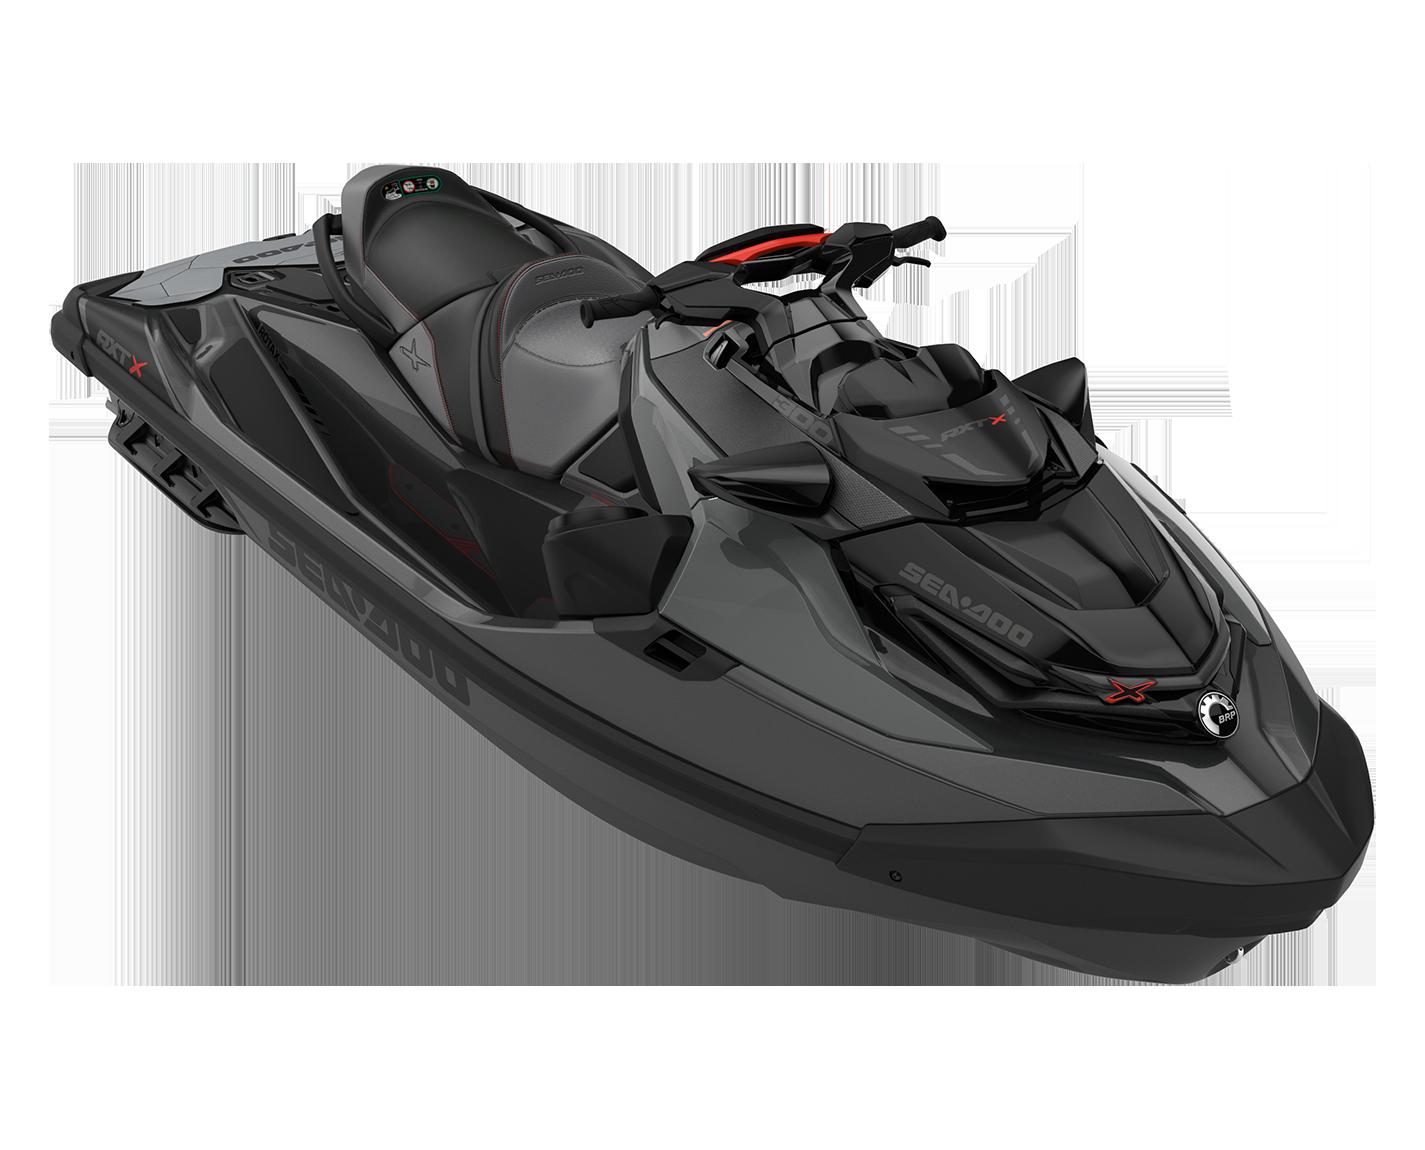 Comprar moto de agua Sea-Doo RXT-X RS 300 en Barcelona